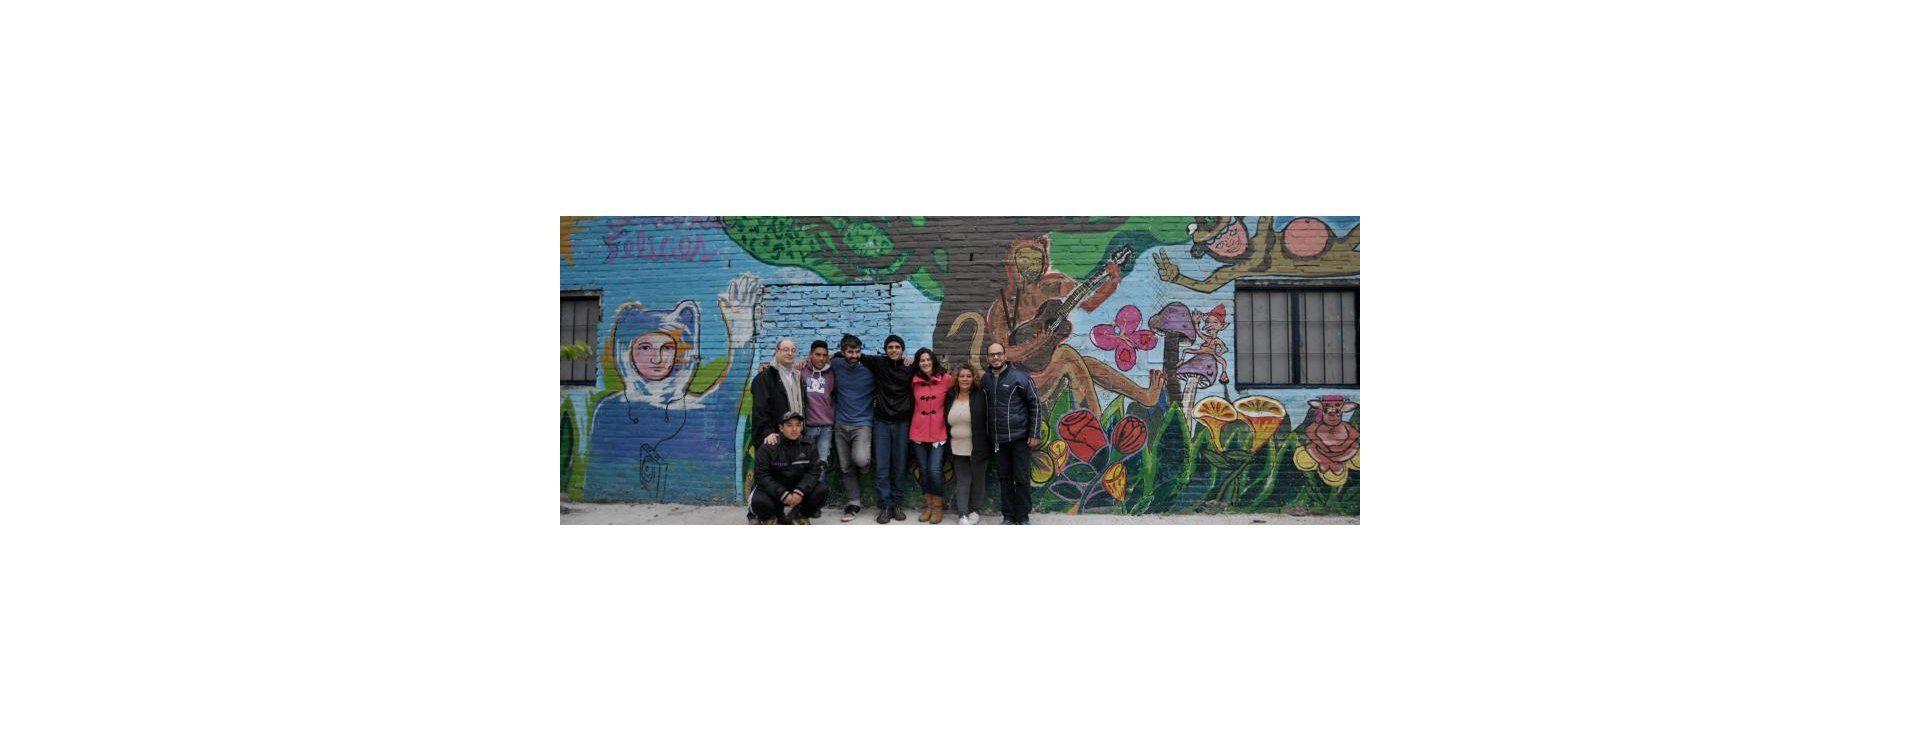 Con una intervención artística, los jóvenes del barrio renovaron la fachada de la Vecinal Scarafía